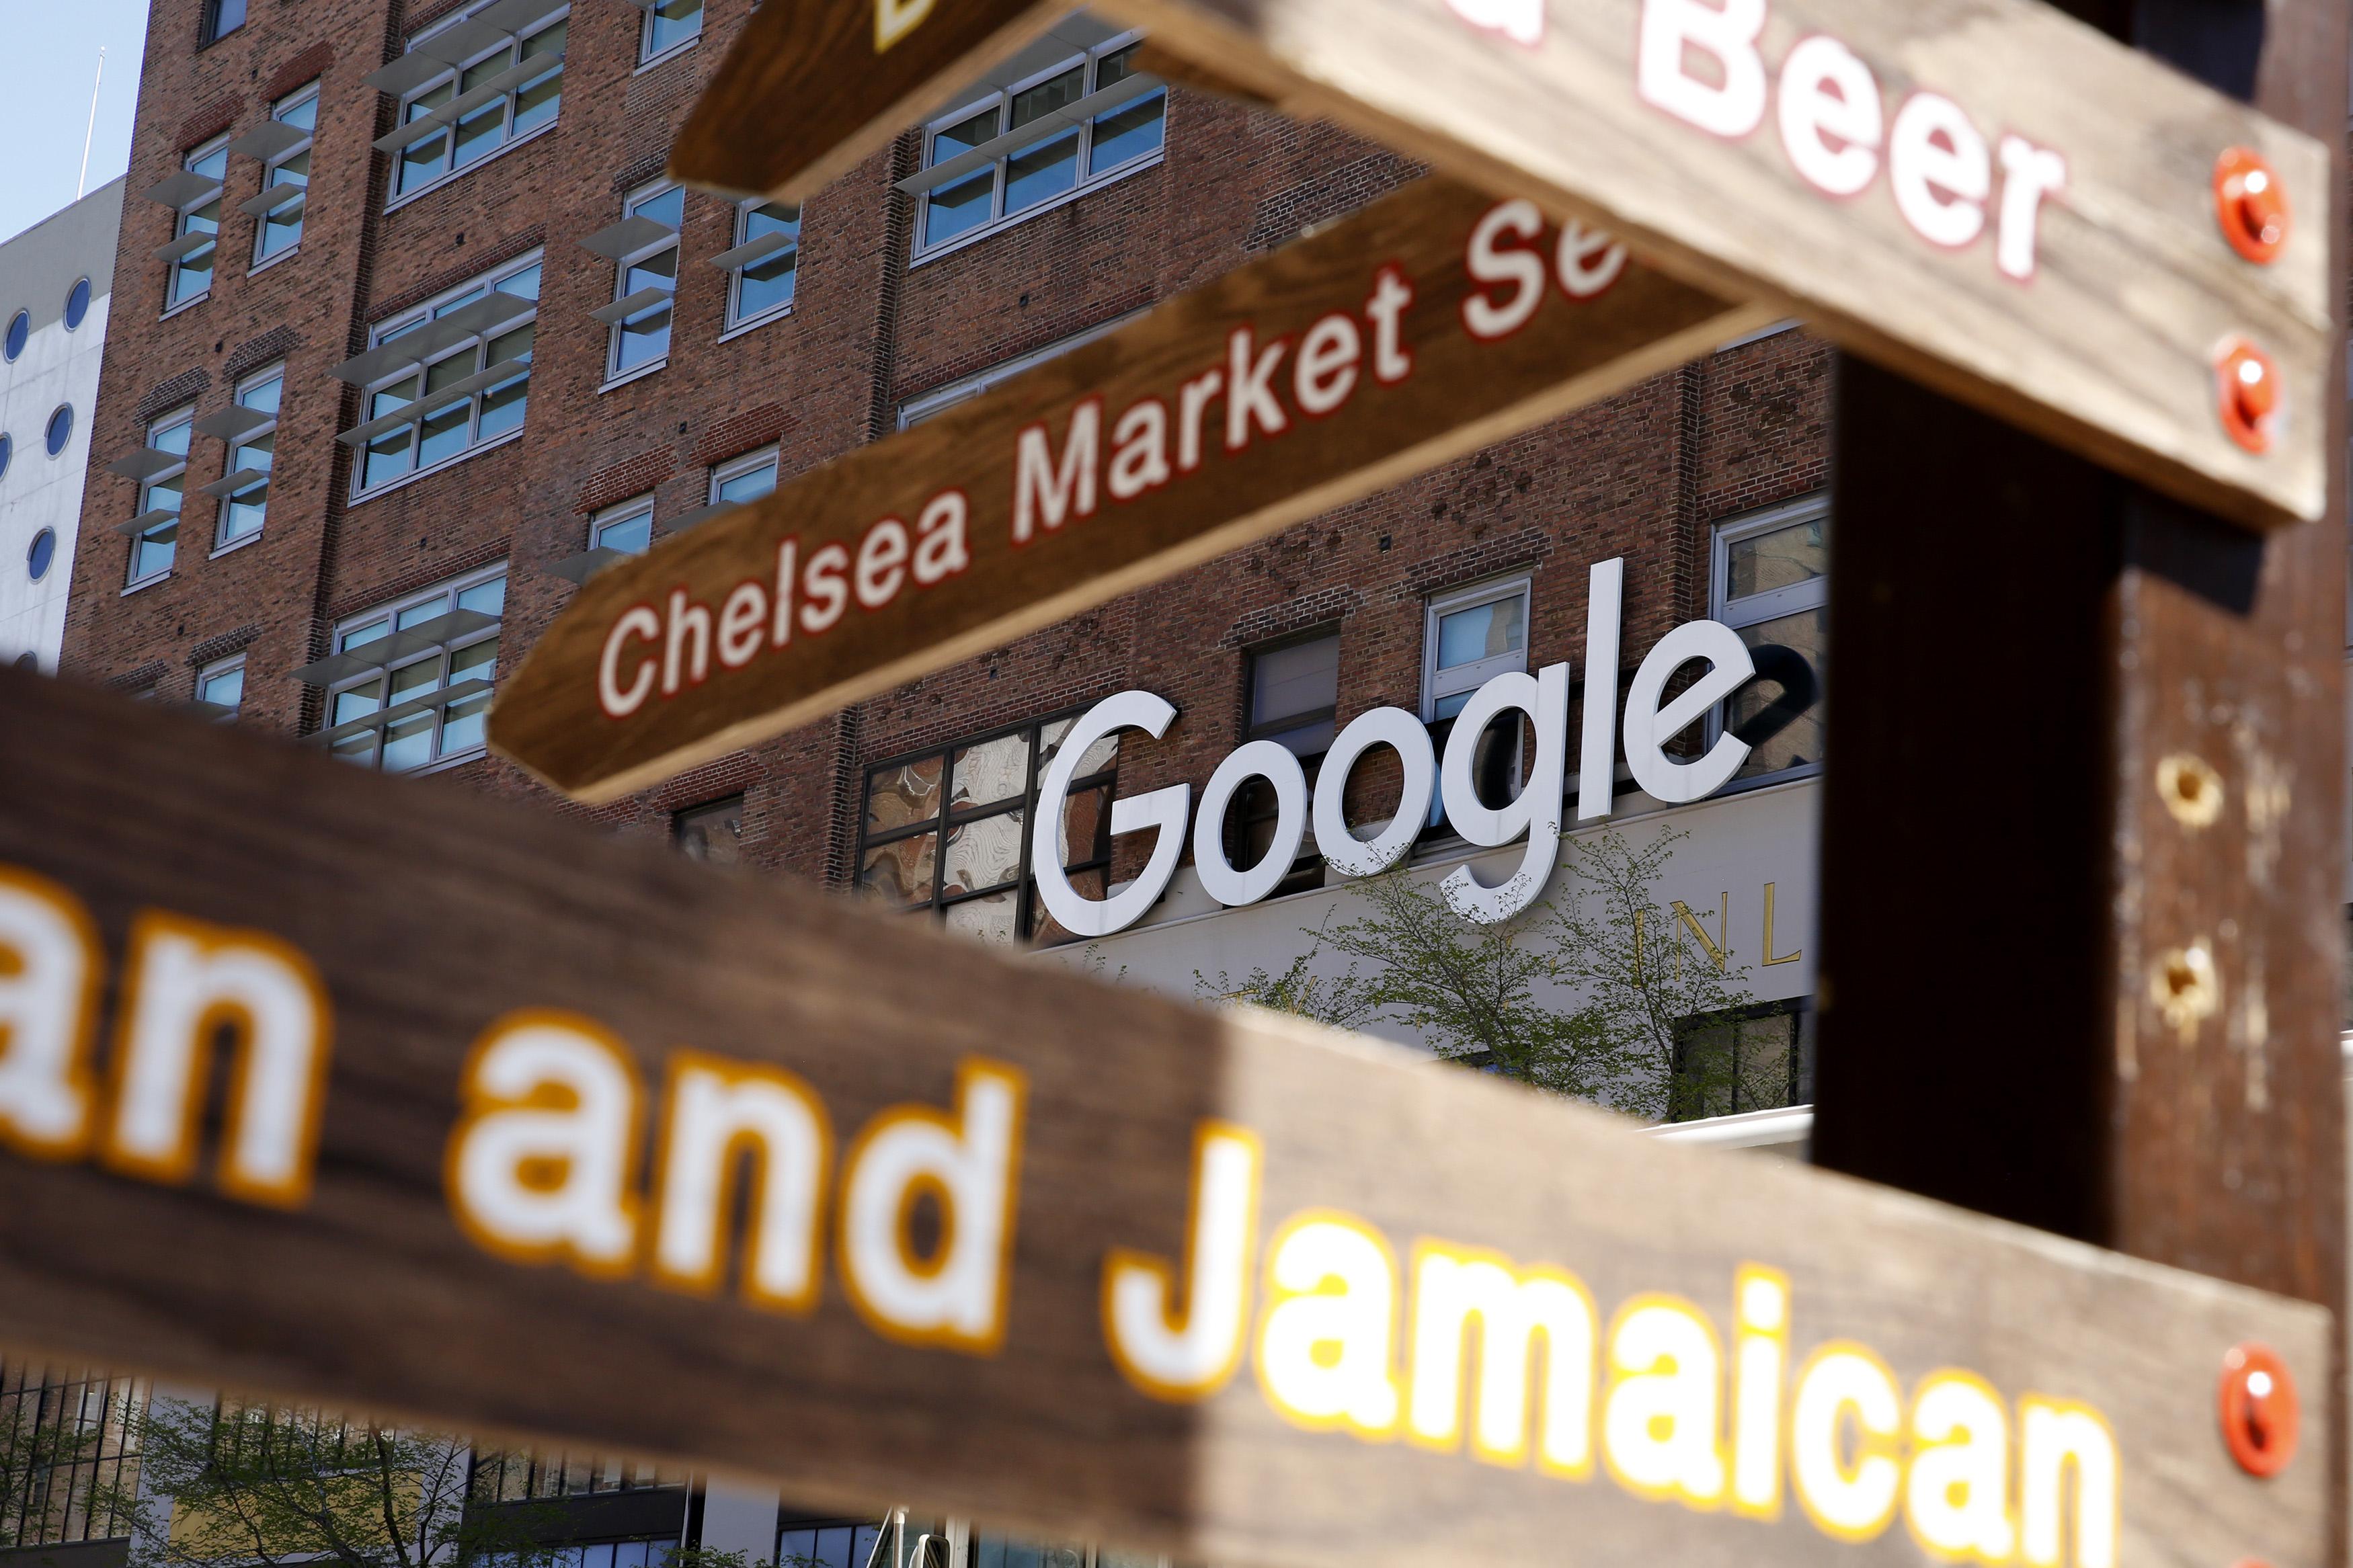 紐約-紐約-4月13日:在2021年4月13日在紐約的公司辦公室看到Google徽標。 在2021年全球氣候變化峰會召開之前,包括Google和Mc Donalds在內的300多家公司正在推動拜登政府將美國削減地球溫室氣體排放的目標幾乎提高一倍。